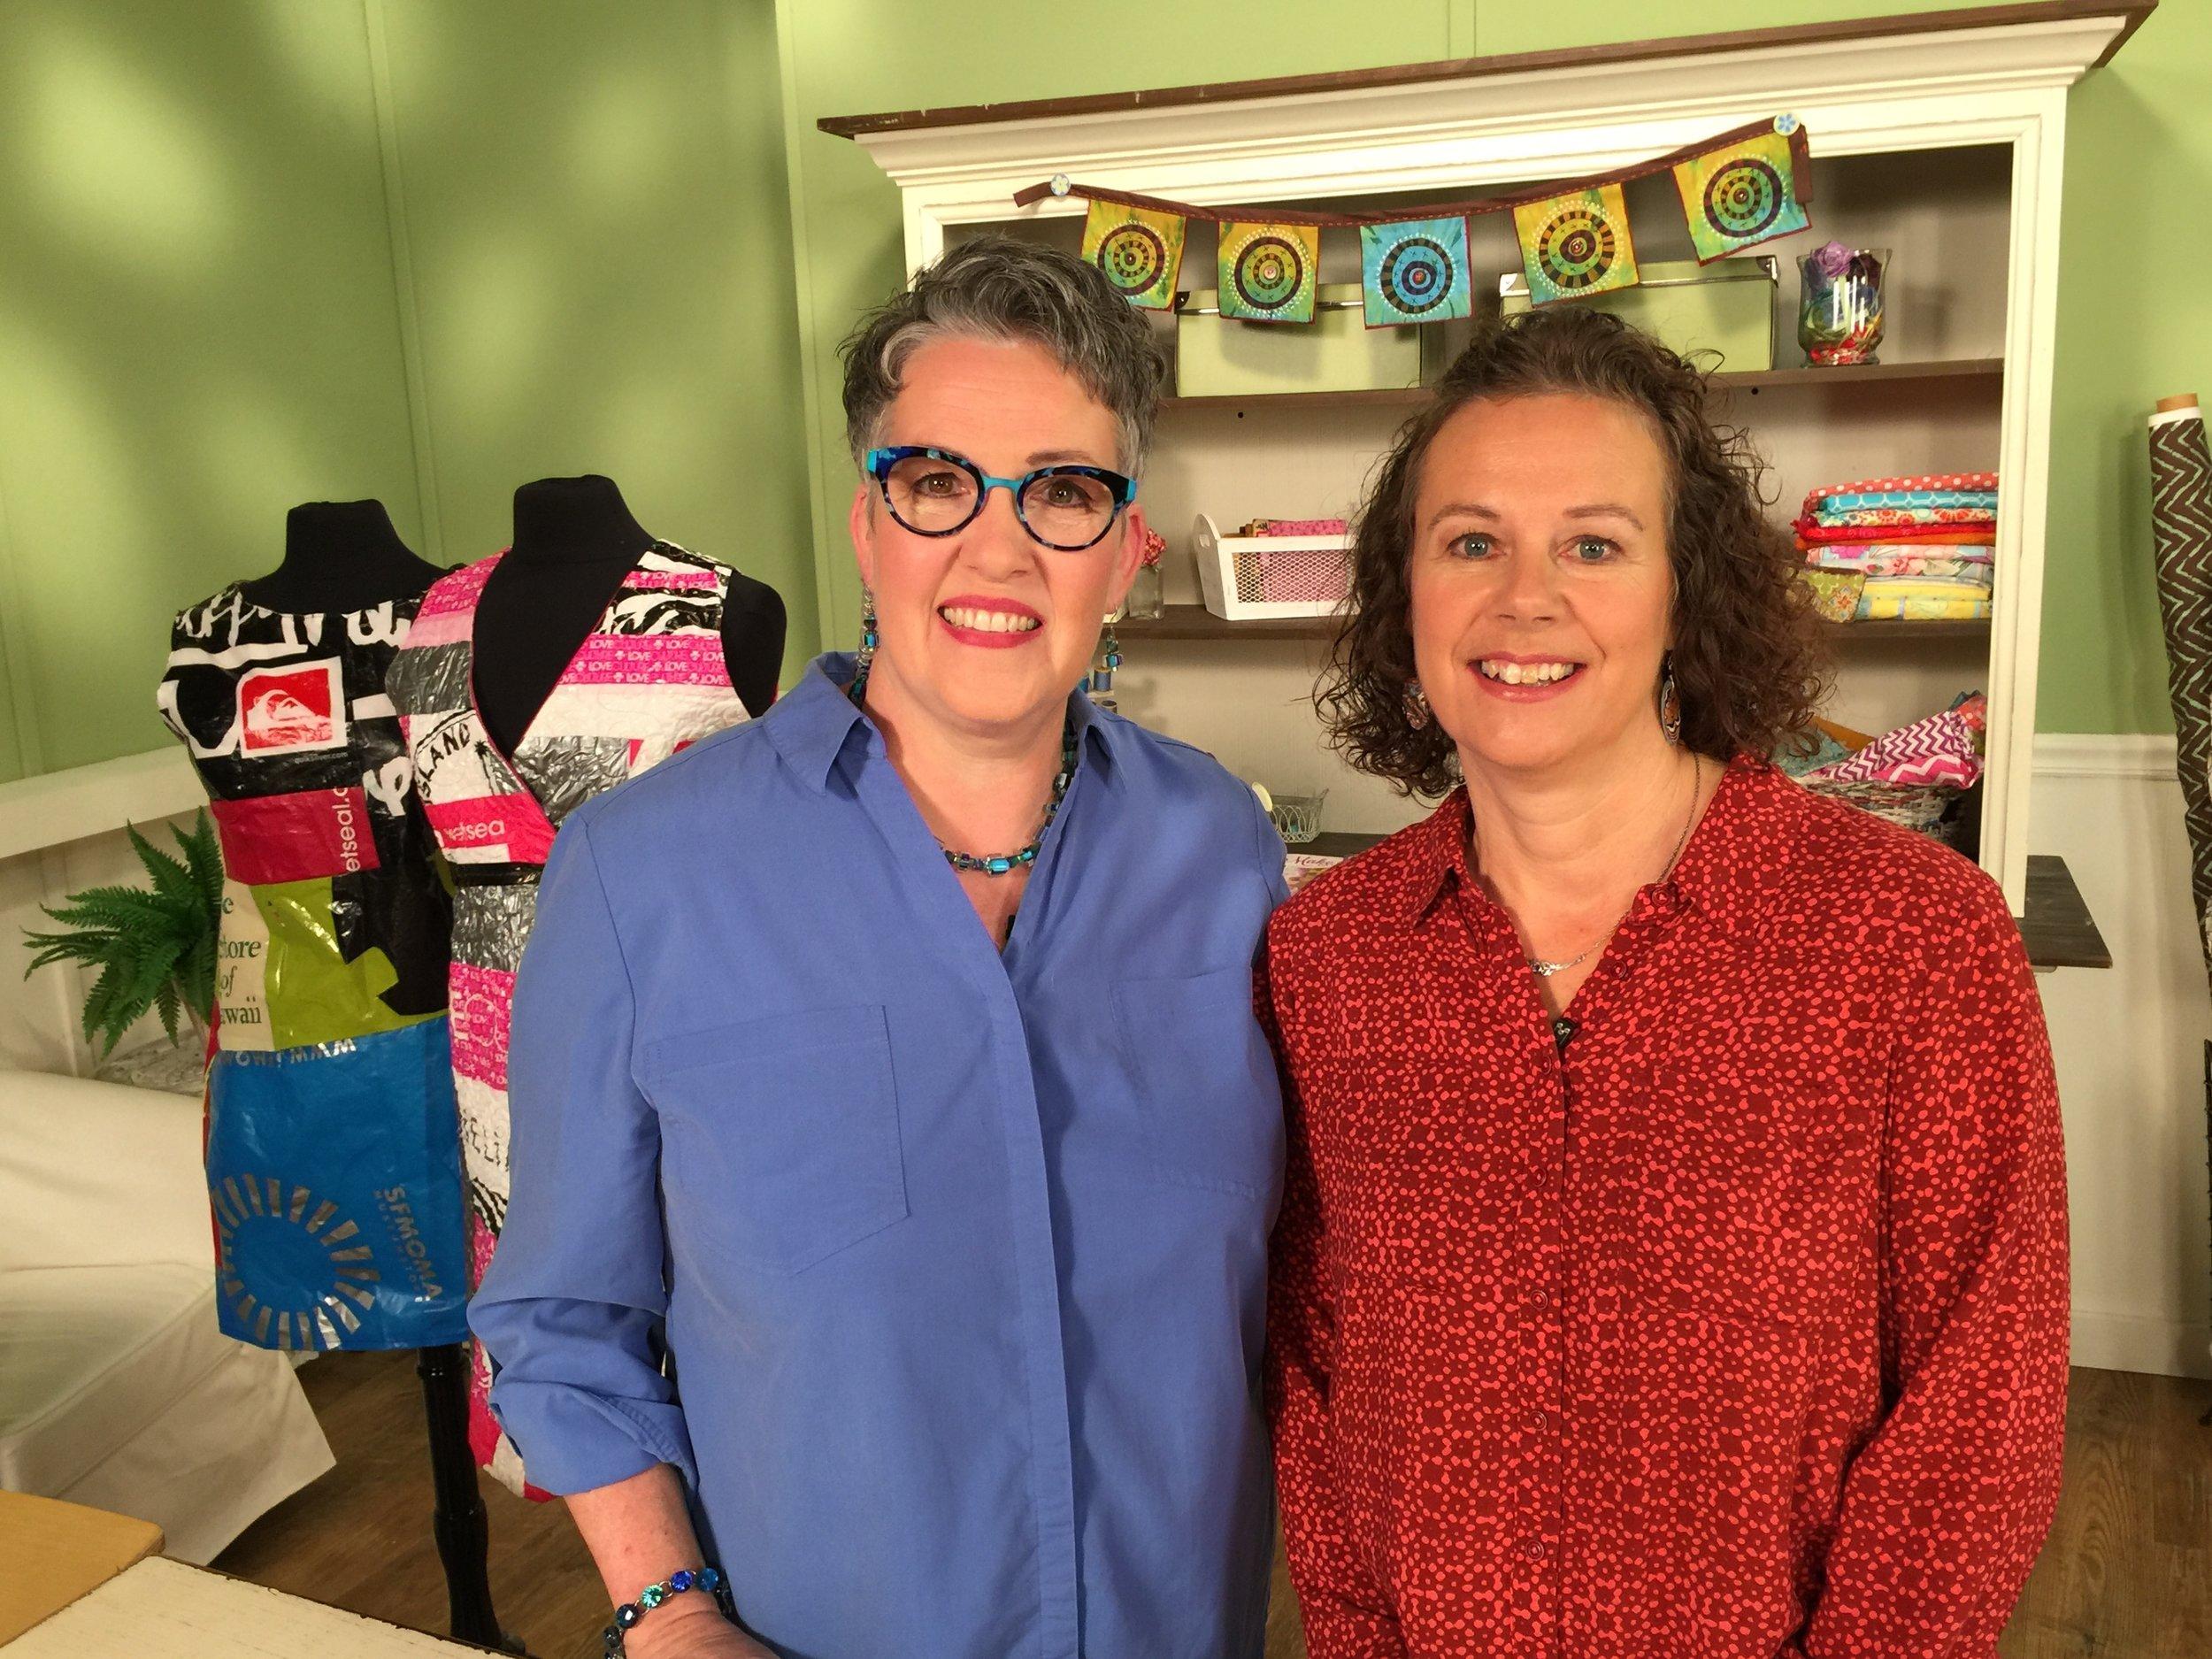 On set with Susan Brusker Knapp